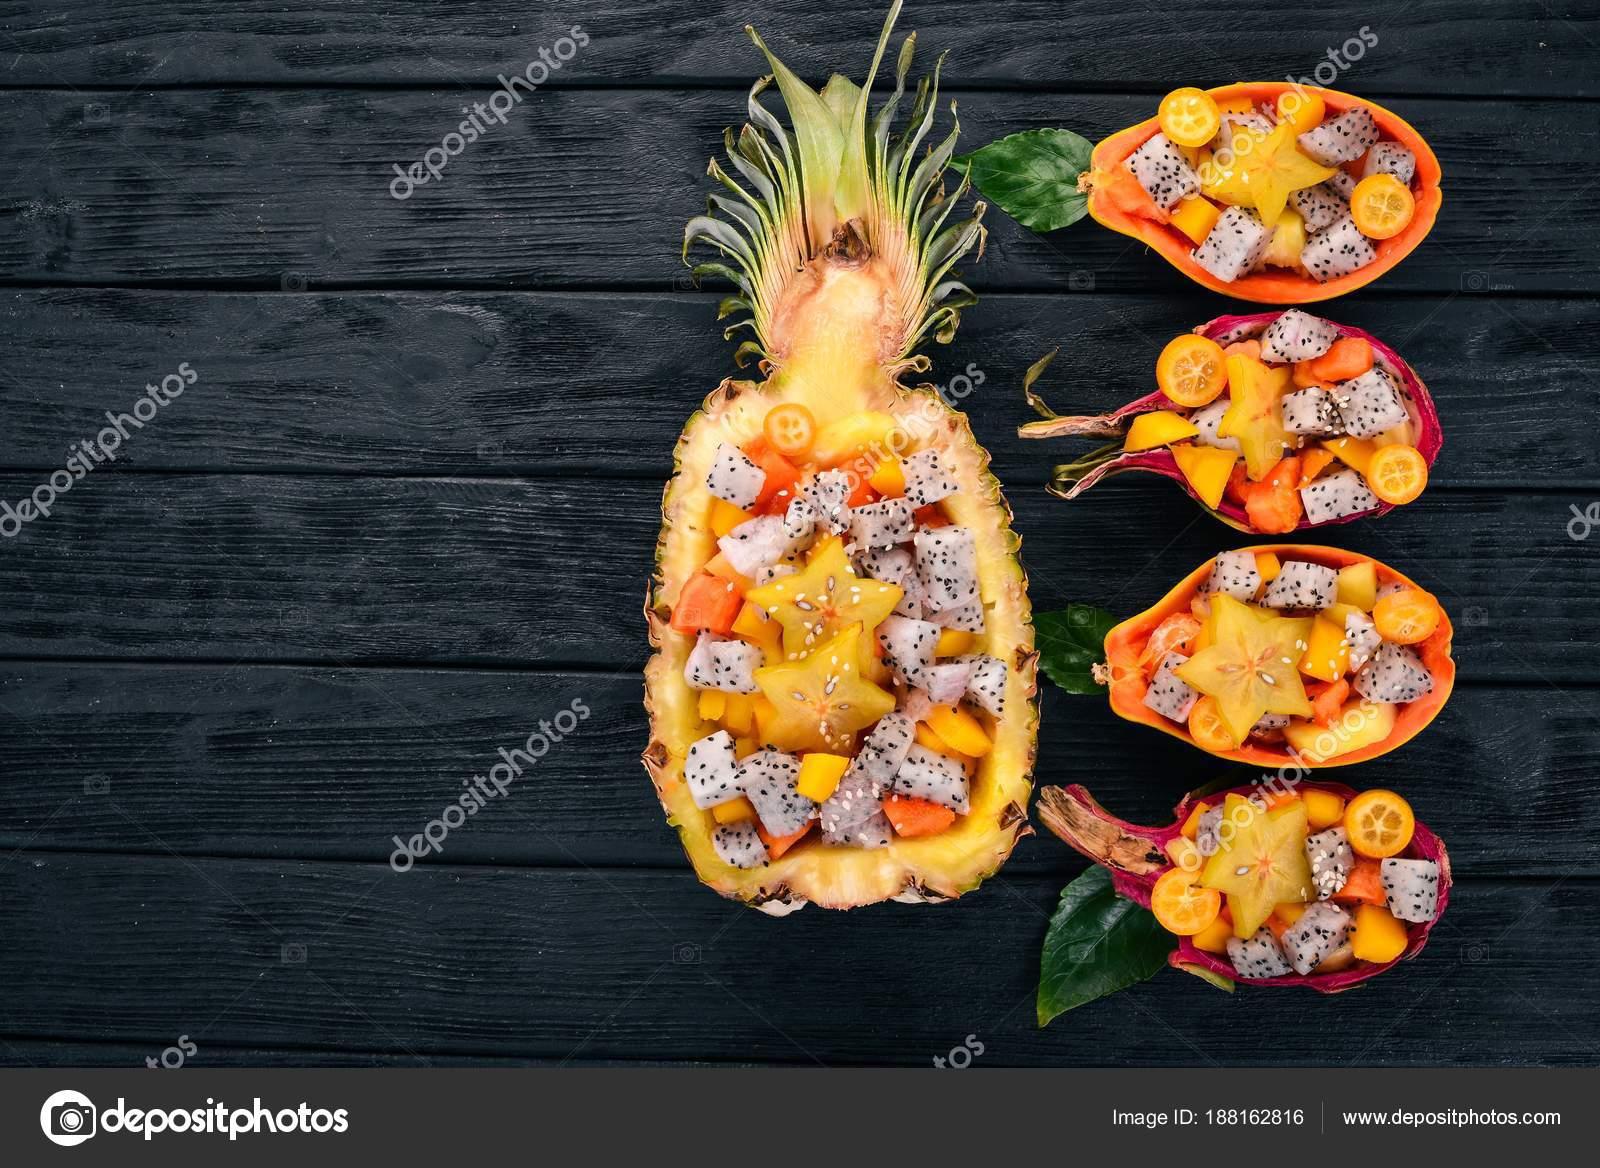 Салат с рисом и экзотическими фруктами